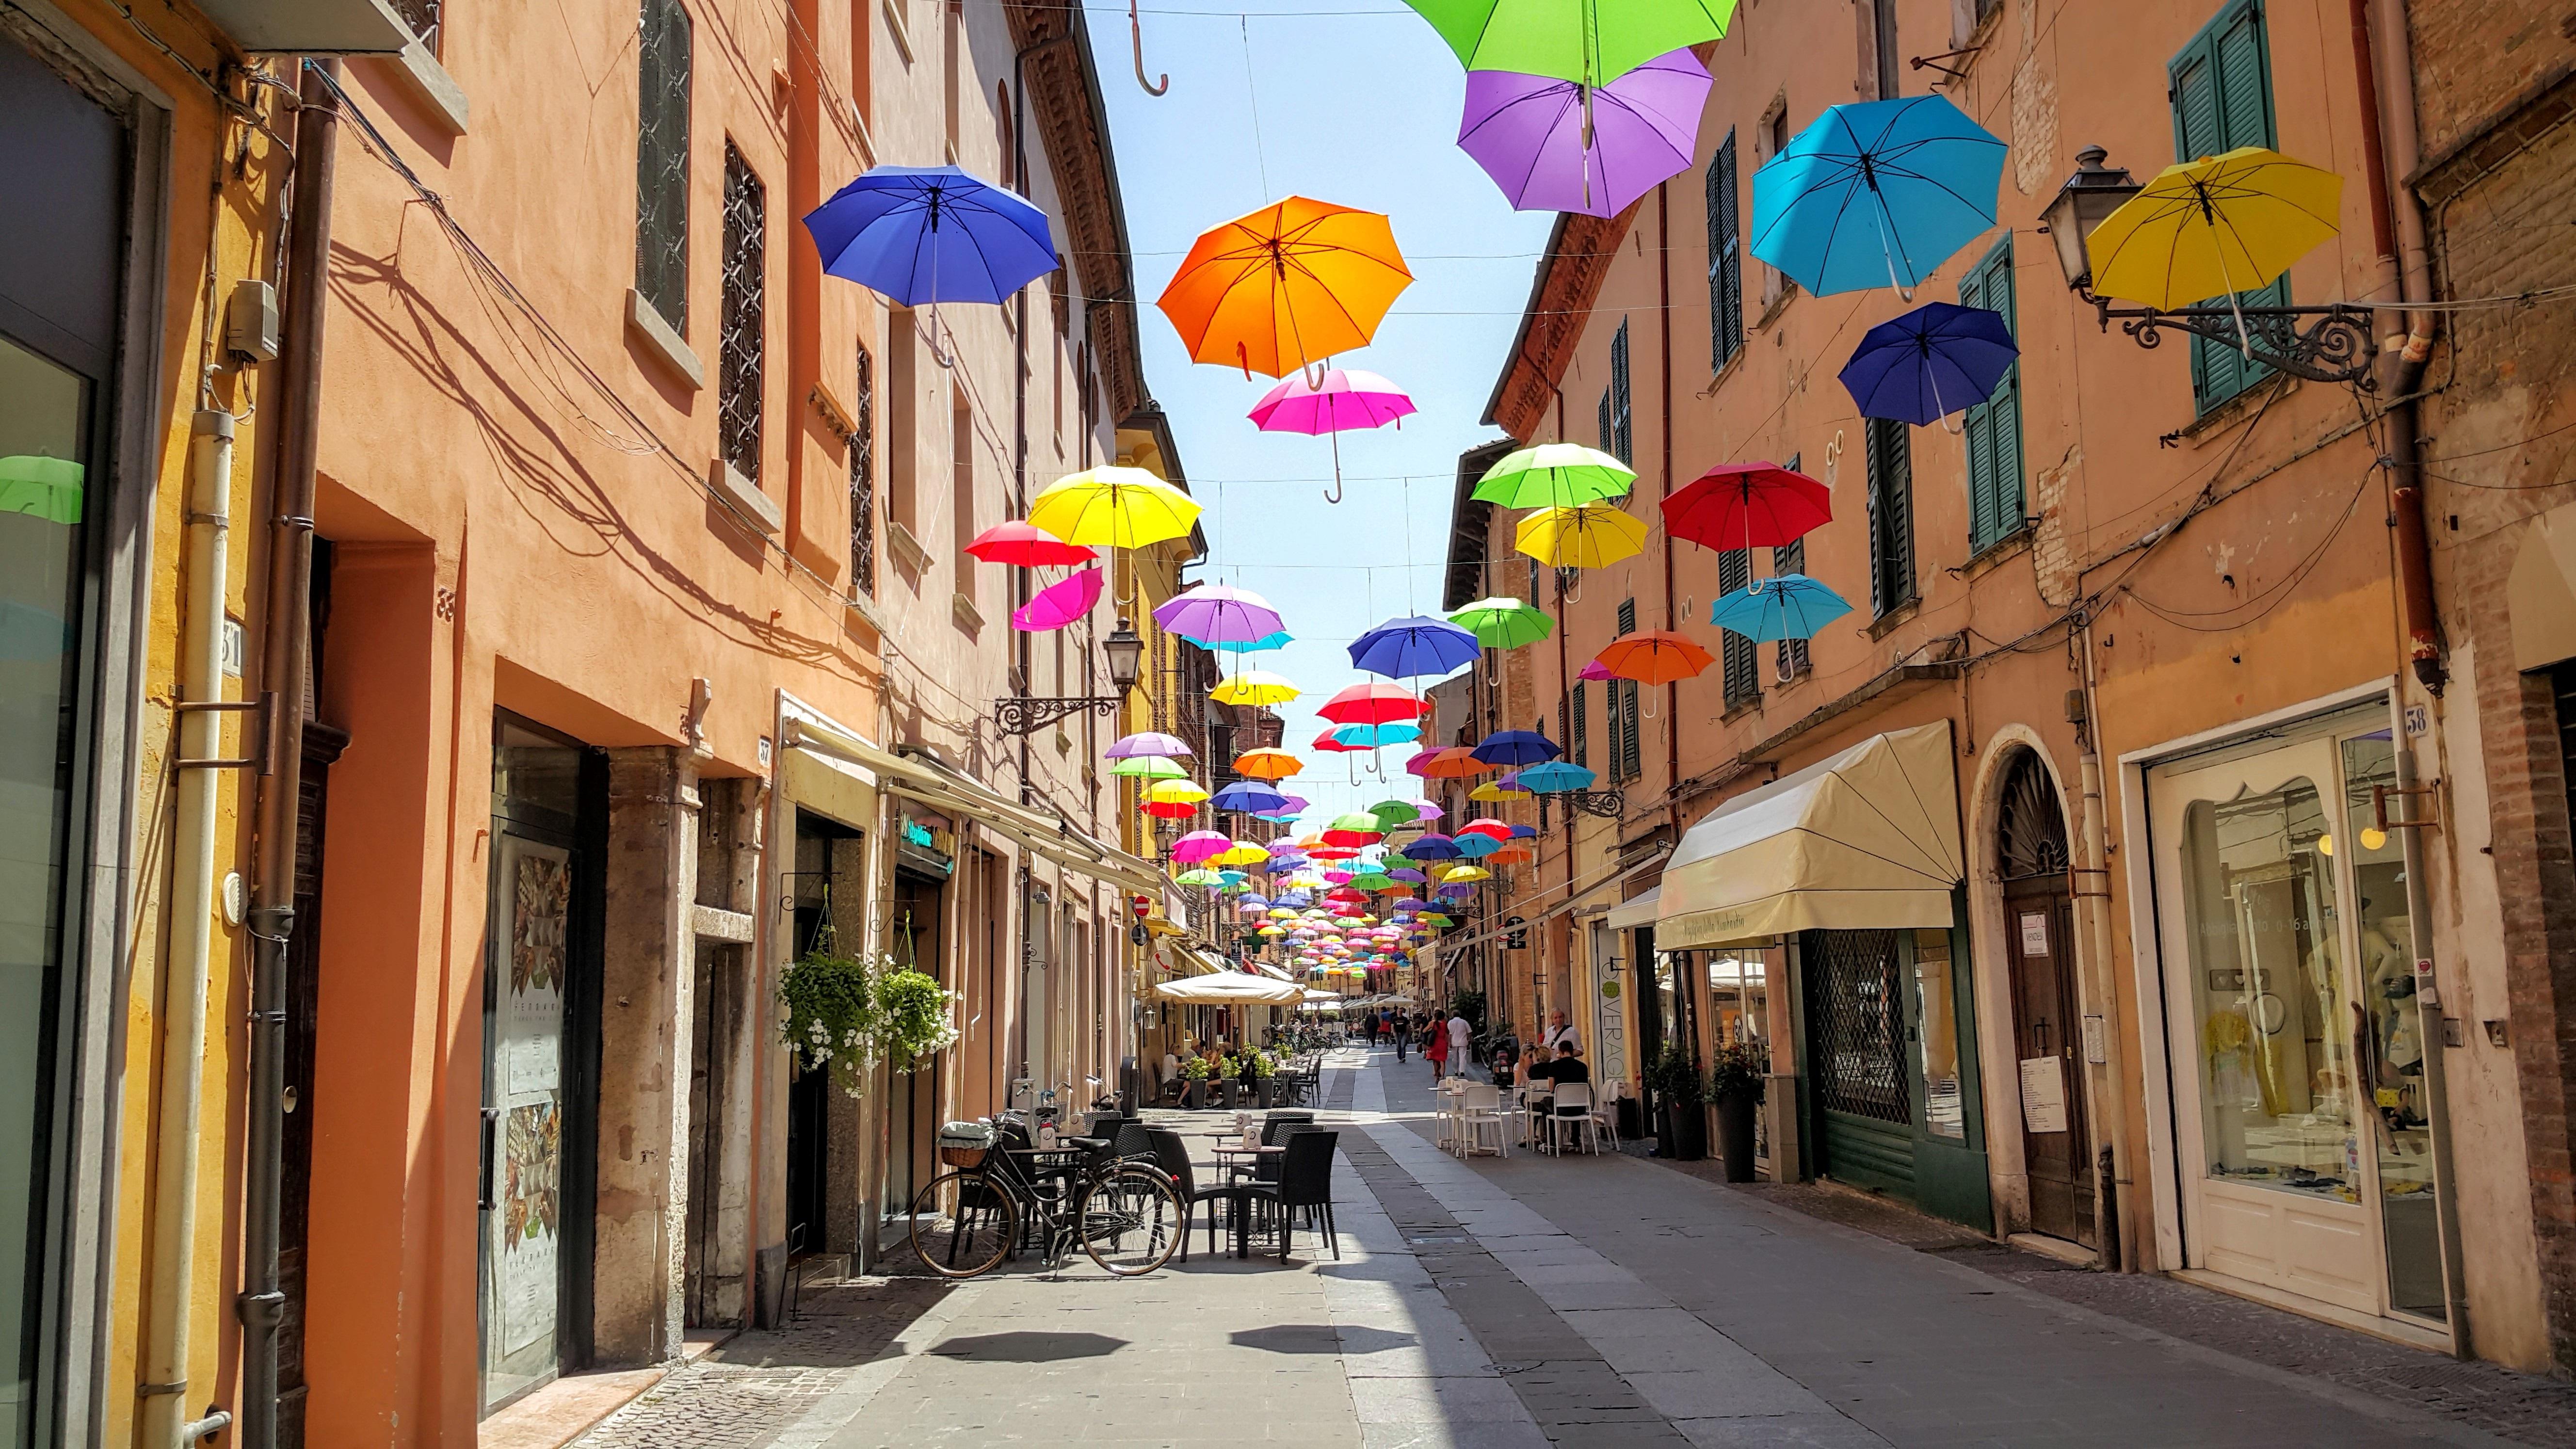 bildet vei gate by bakgate bybildet sentrum dekorasjon paraply farge italia. Black Bedroom Furniture Sets. Home Design Ideas